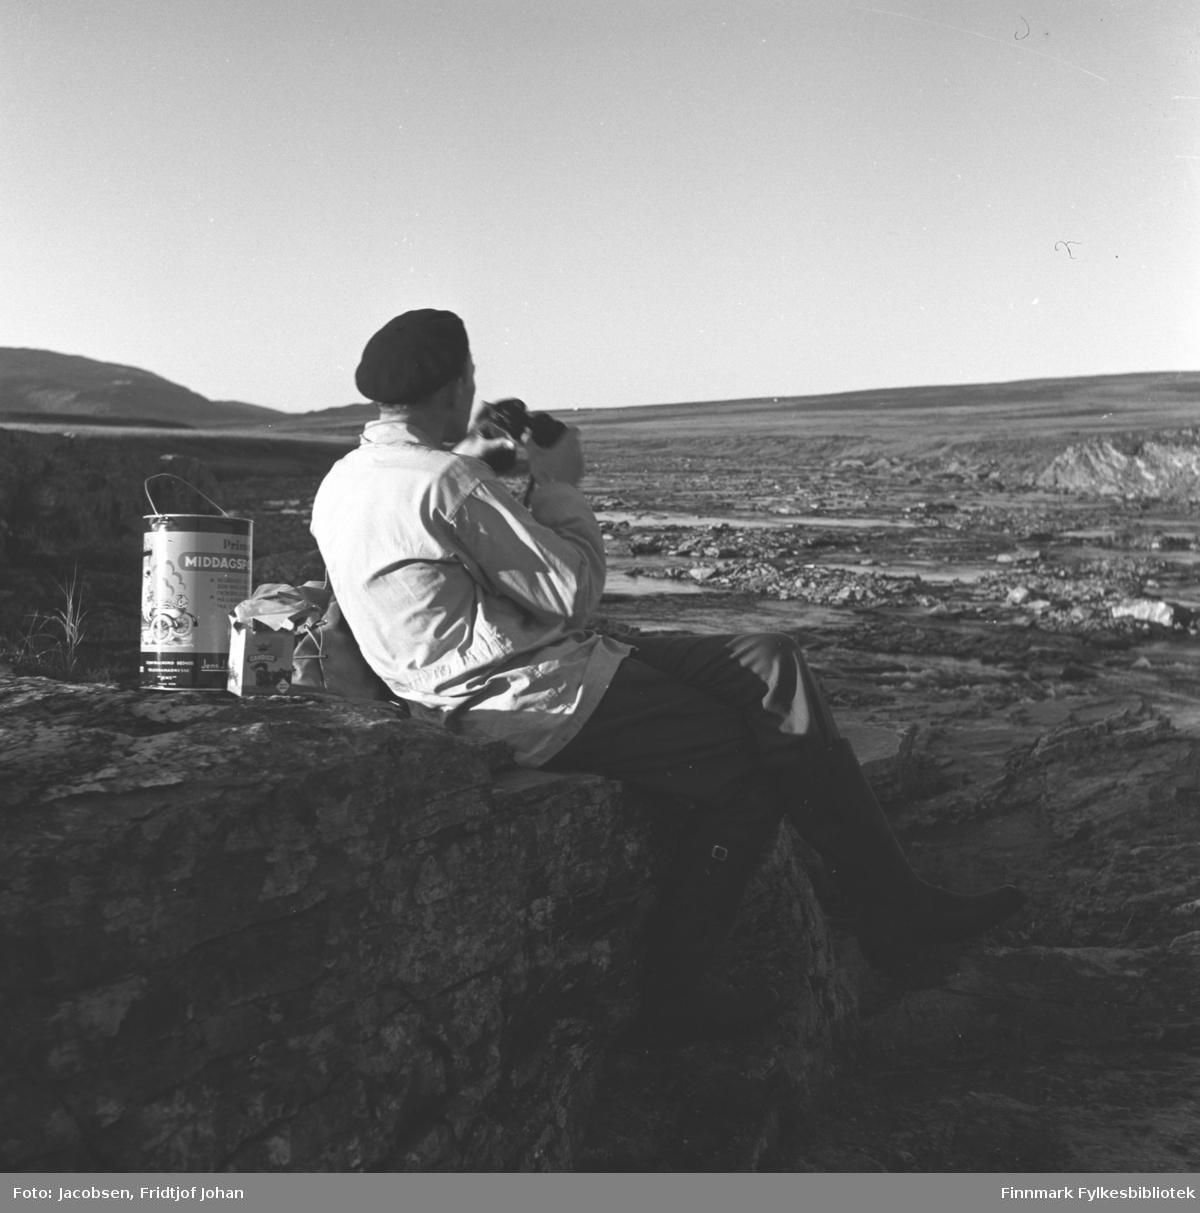 Alf Edvard Jacobsen på jakt etter multebær på Sennalandet. Han har en mørk bukse, lys jakke og sort lue på seg. Han sitter på en stor, flat stein og har en kikkert i hendene. Et metallspann og en liten pappeske står like bak han. Det flate Sennalandet ses over store deler av området, men en fjelltopp står helt til venstre på bildet.